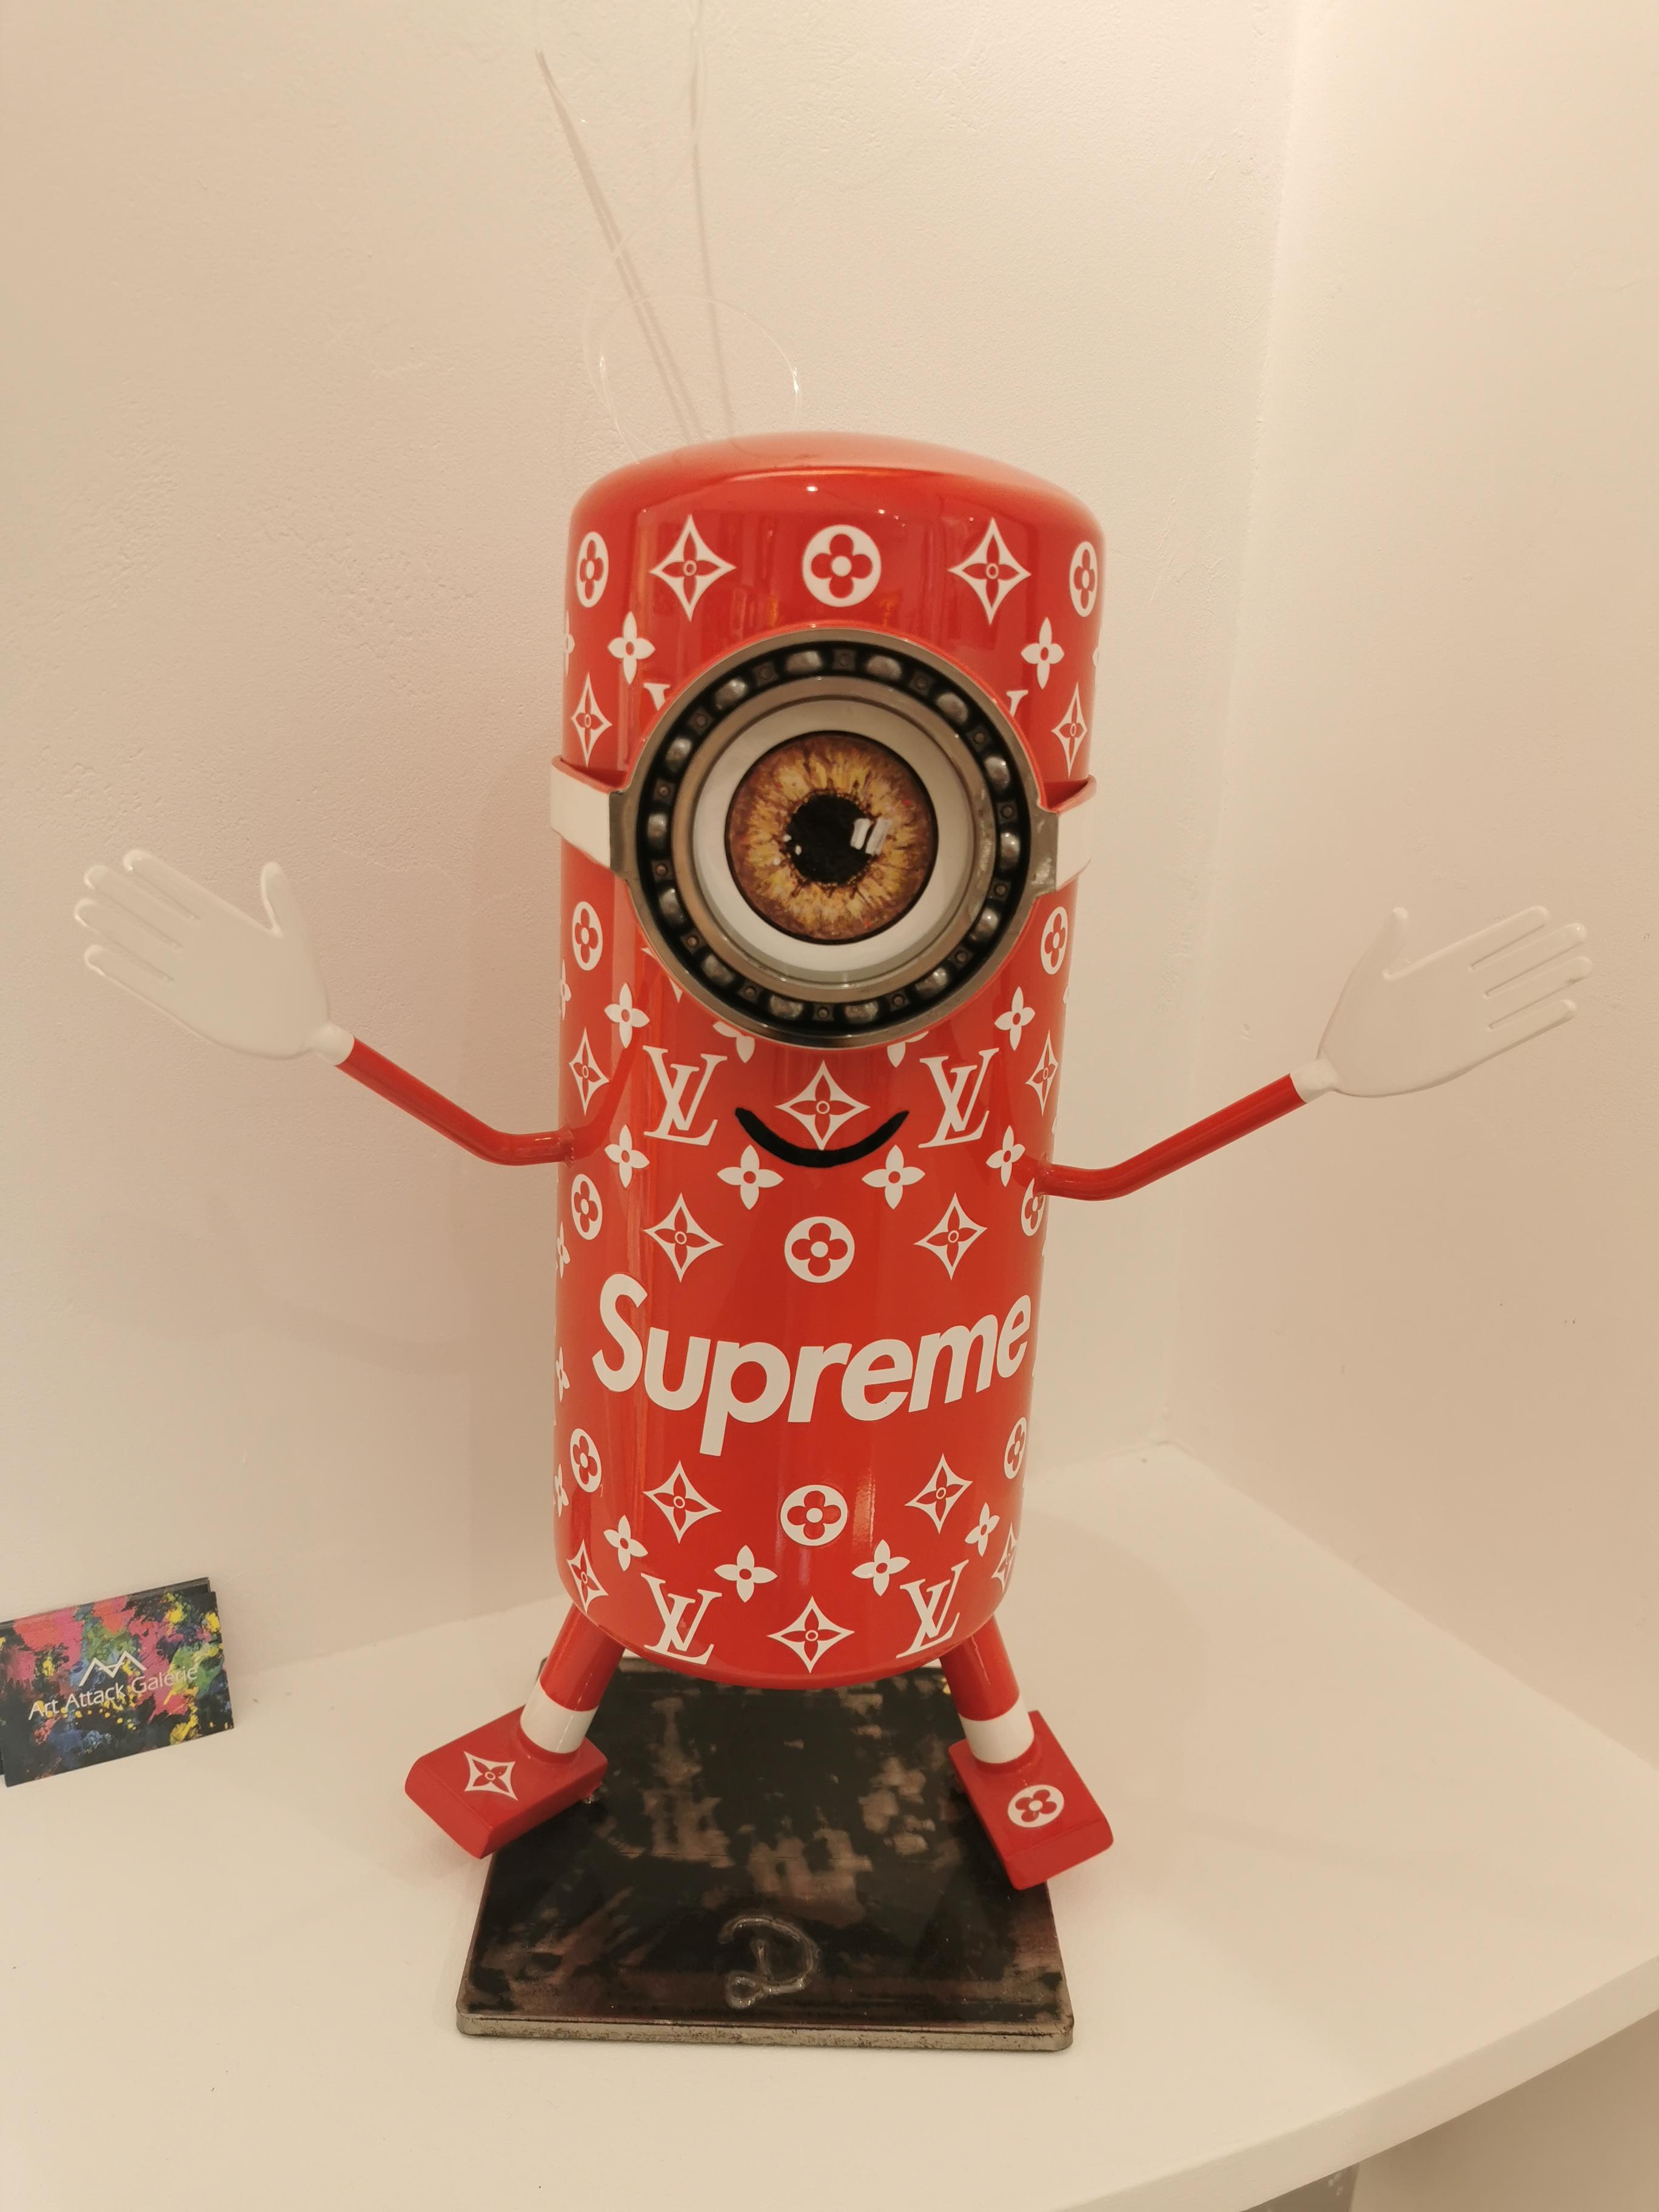 Minion Supreme